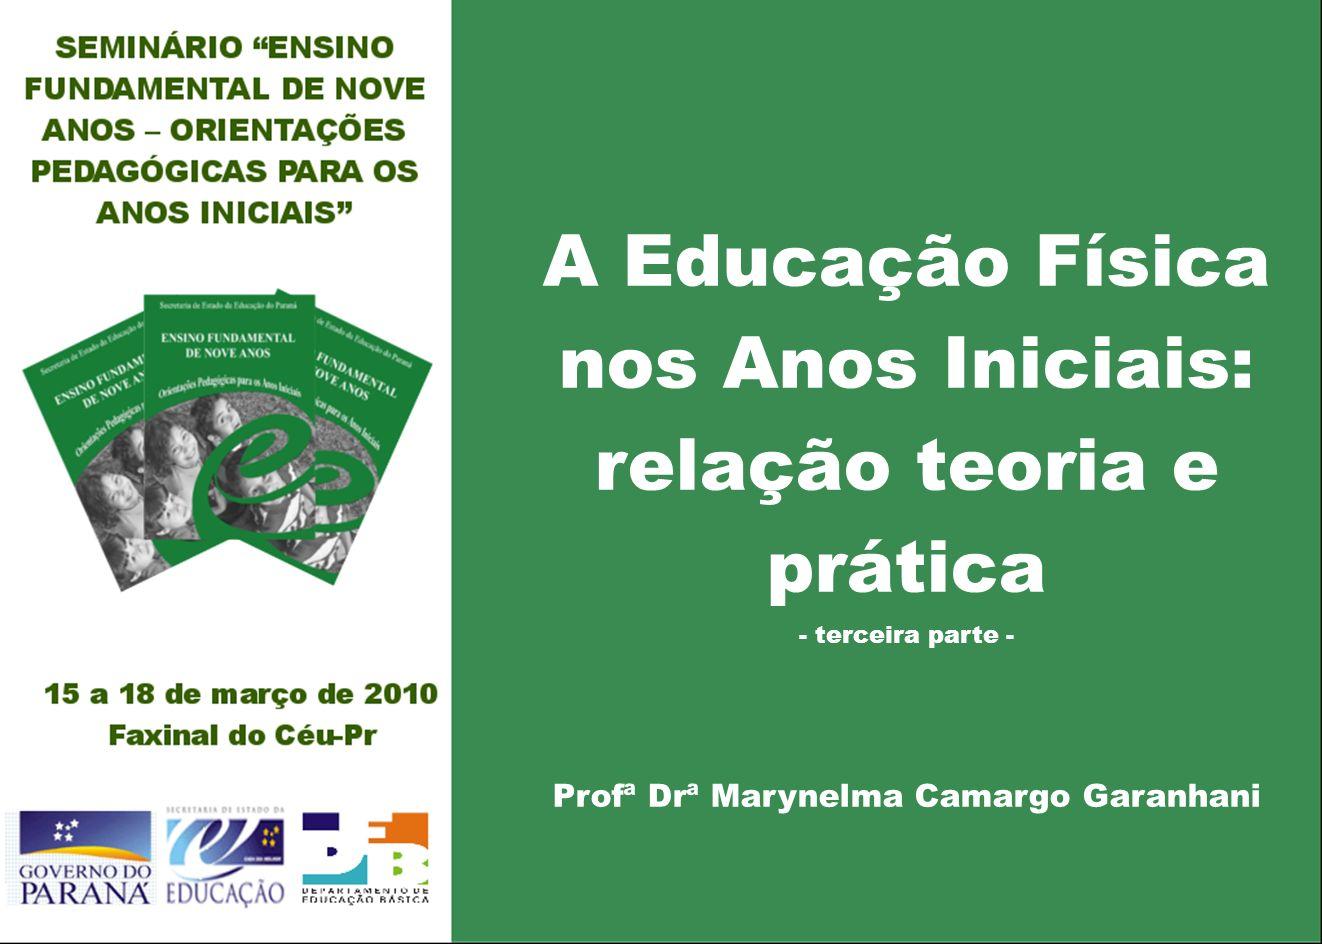 A Educação Física nos Anos Iniciais: relação teoria e prática - terceira parte - Profª Drª Marynelma Camargo Garanhani